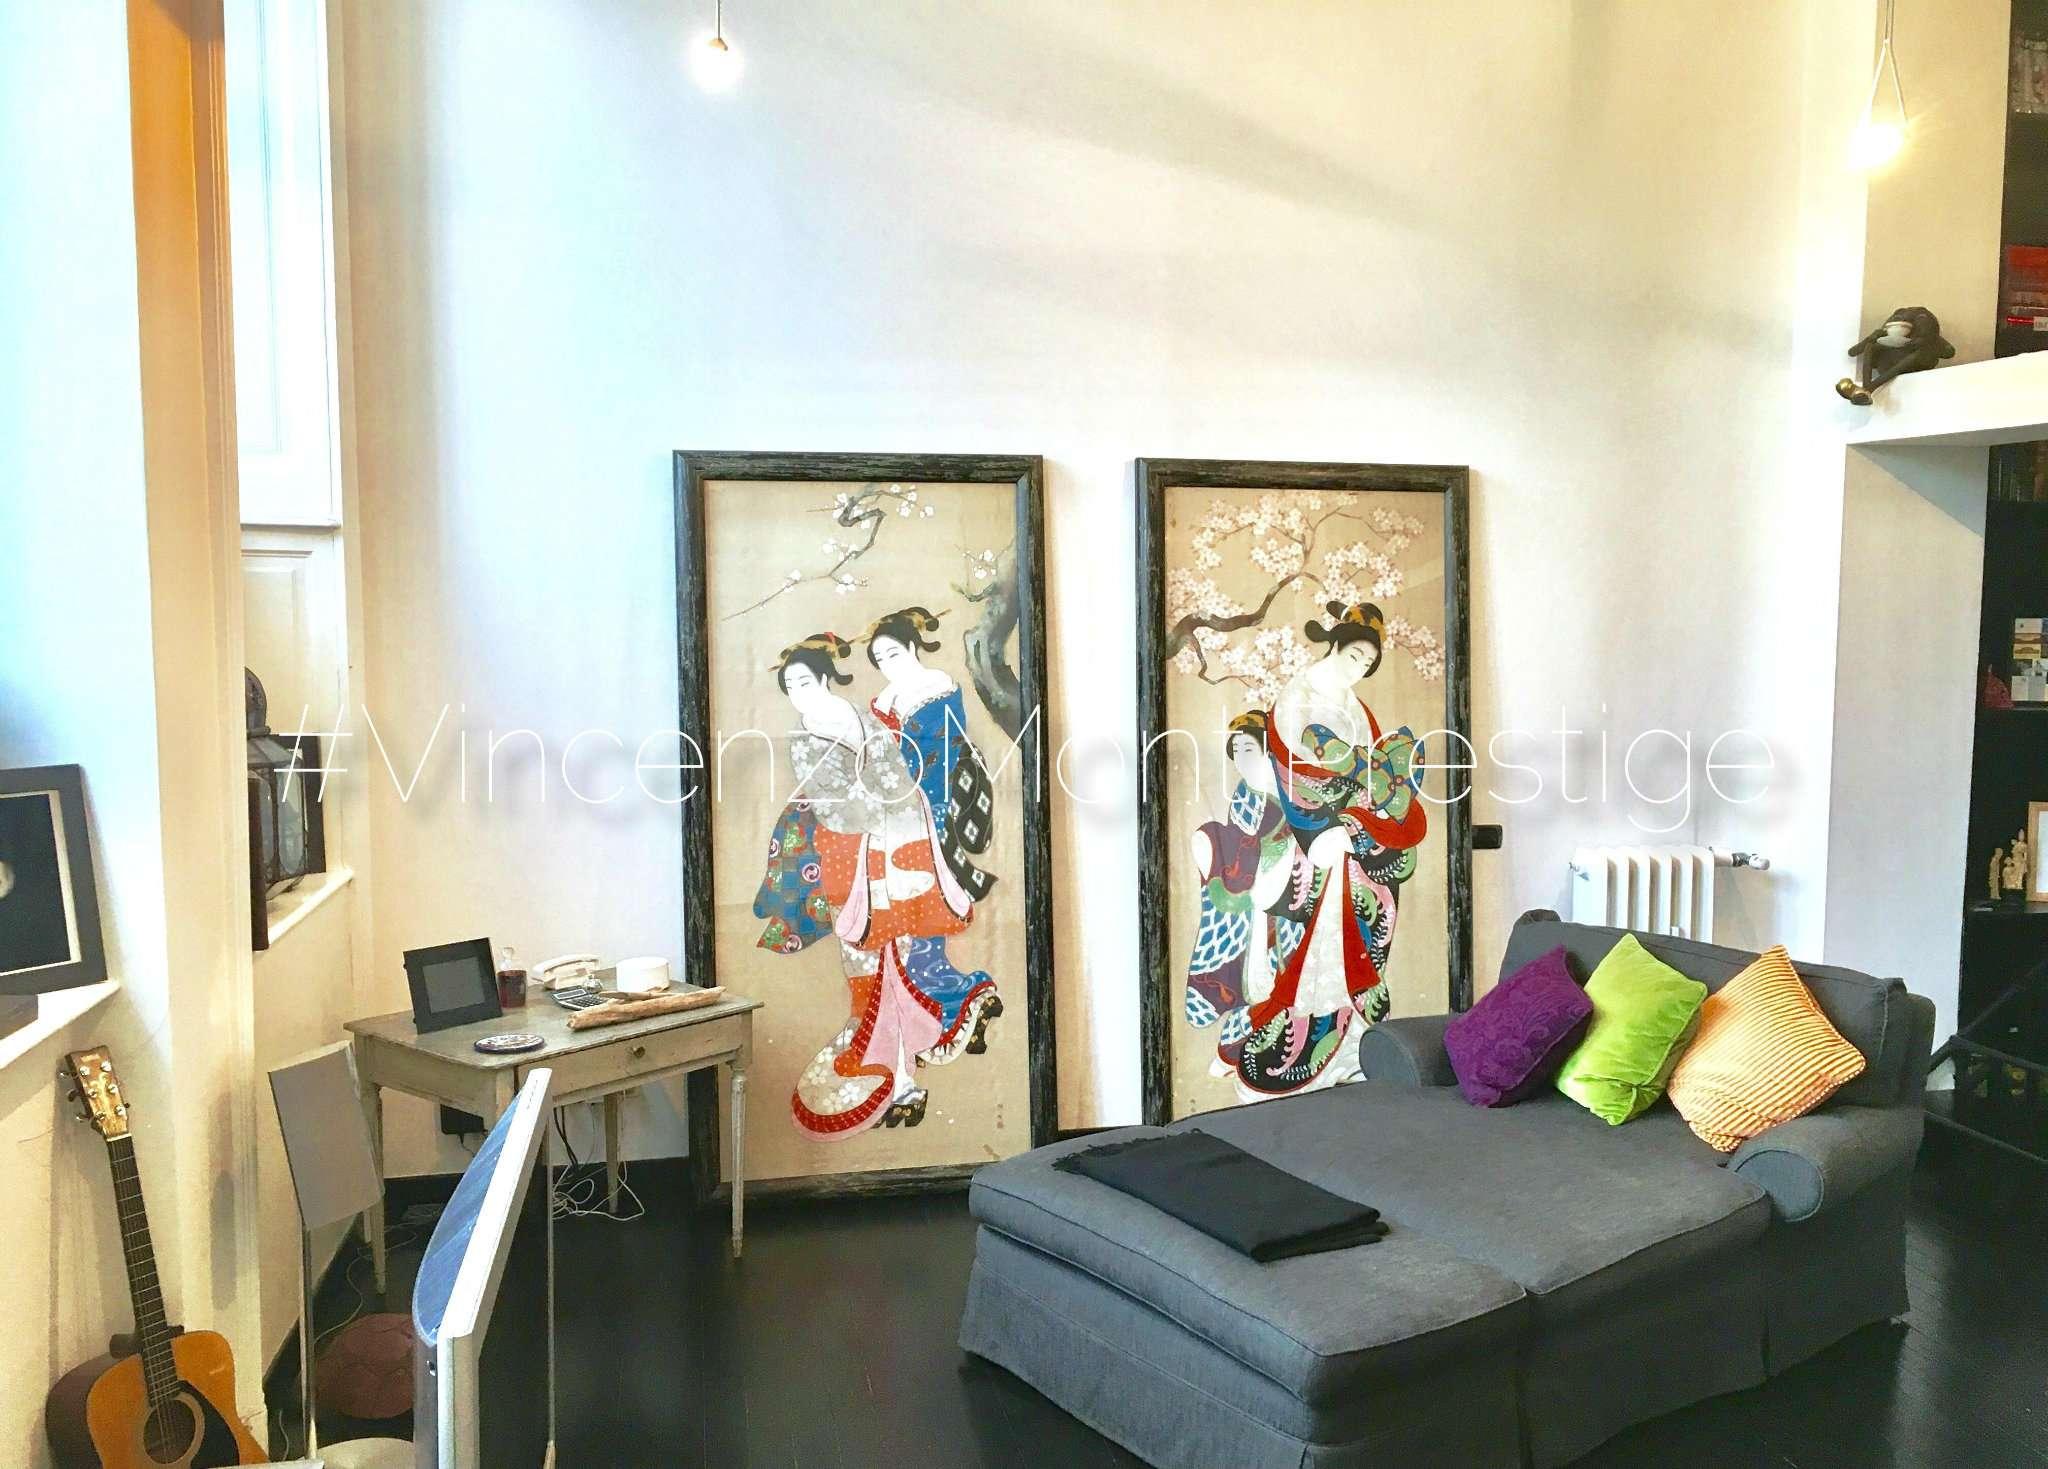 Appartamento di lusso in vendita a milano via francesco for Vendita immobili di lusso milano